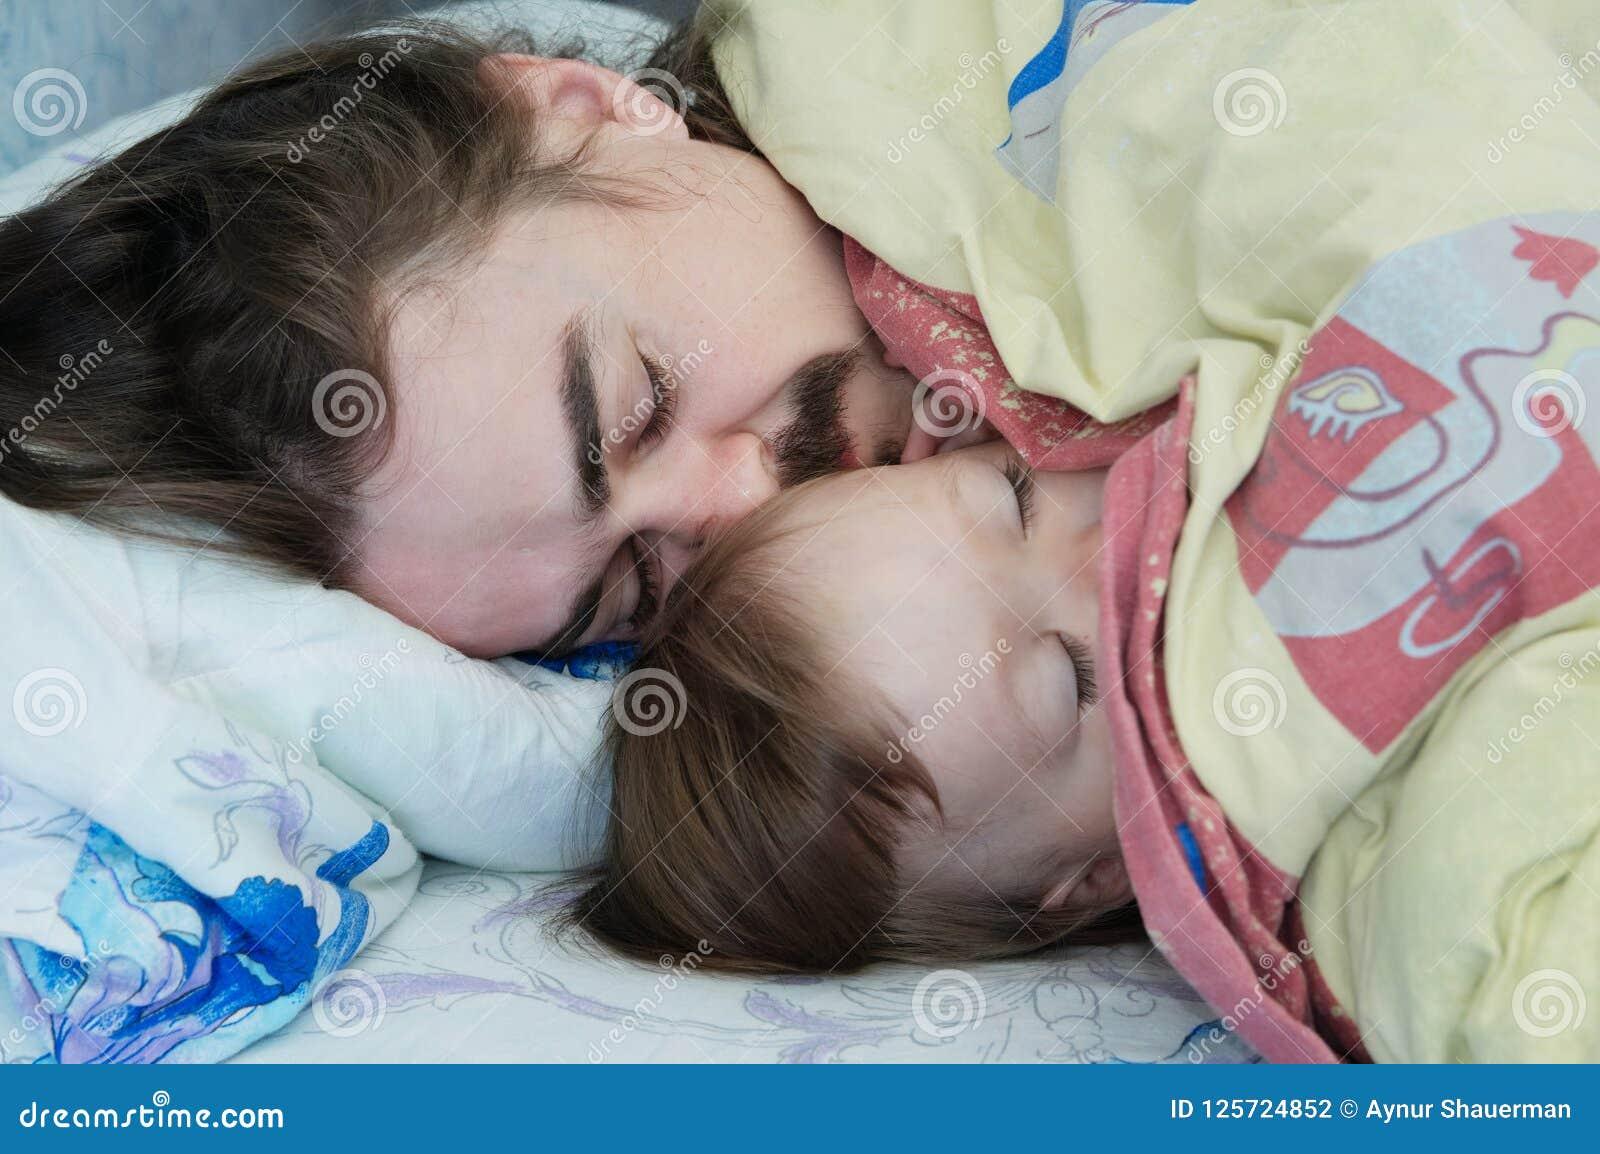 Λίγος ύπνος κοριτσάκι με τον μπαμπά το πρωί Ευτυχής γονέας Πατέρας που βρίσκεται στο κρεβάτι οικογένεια ευτυχής